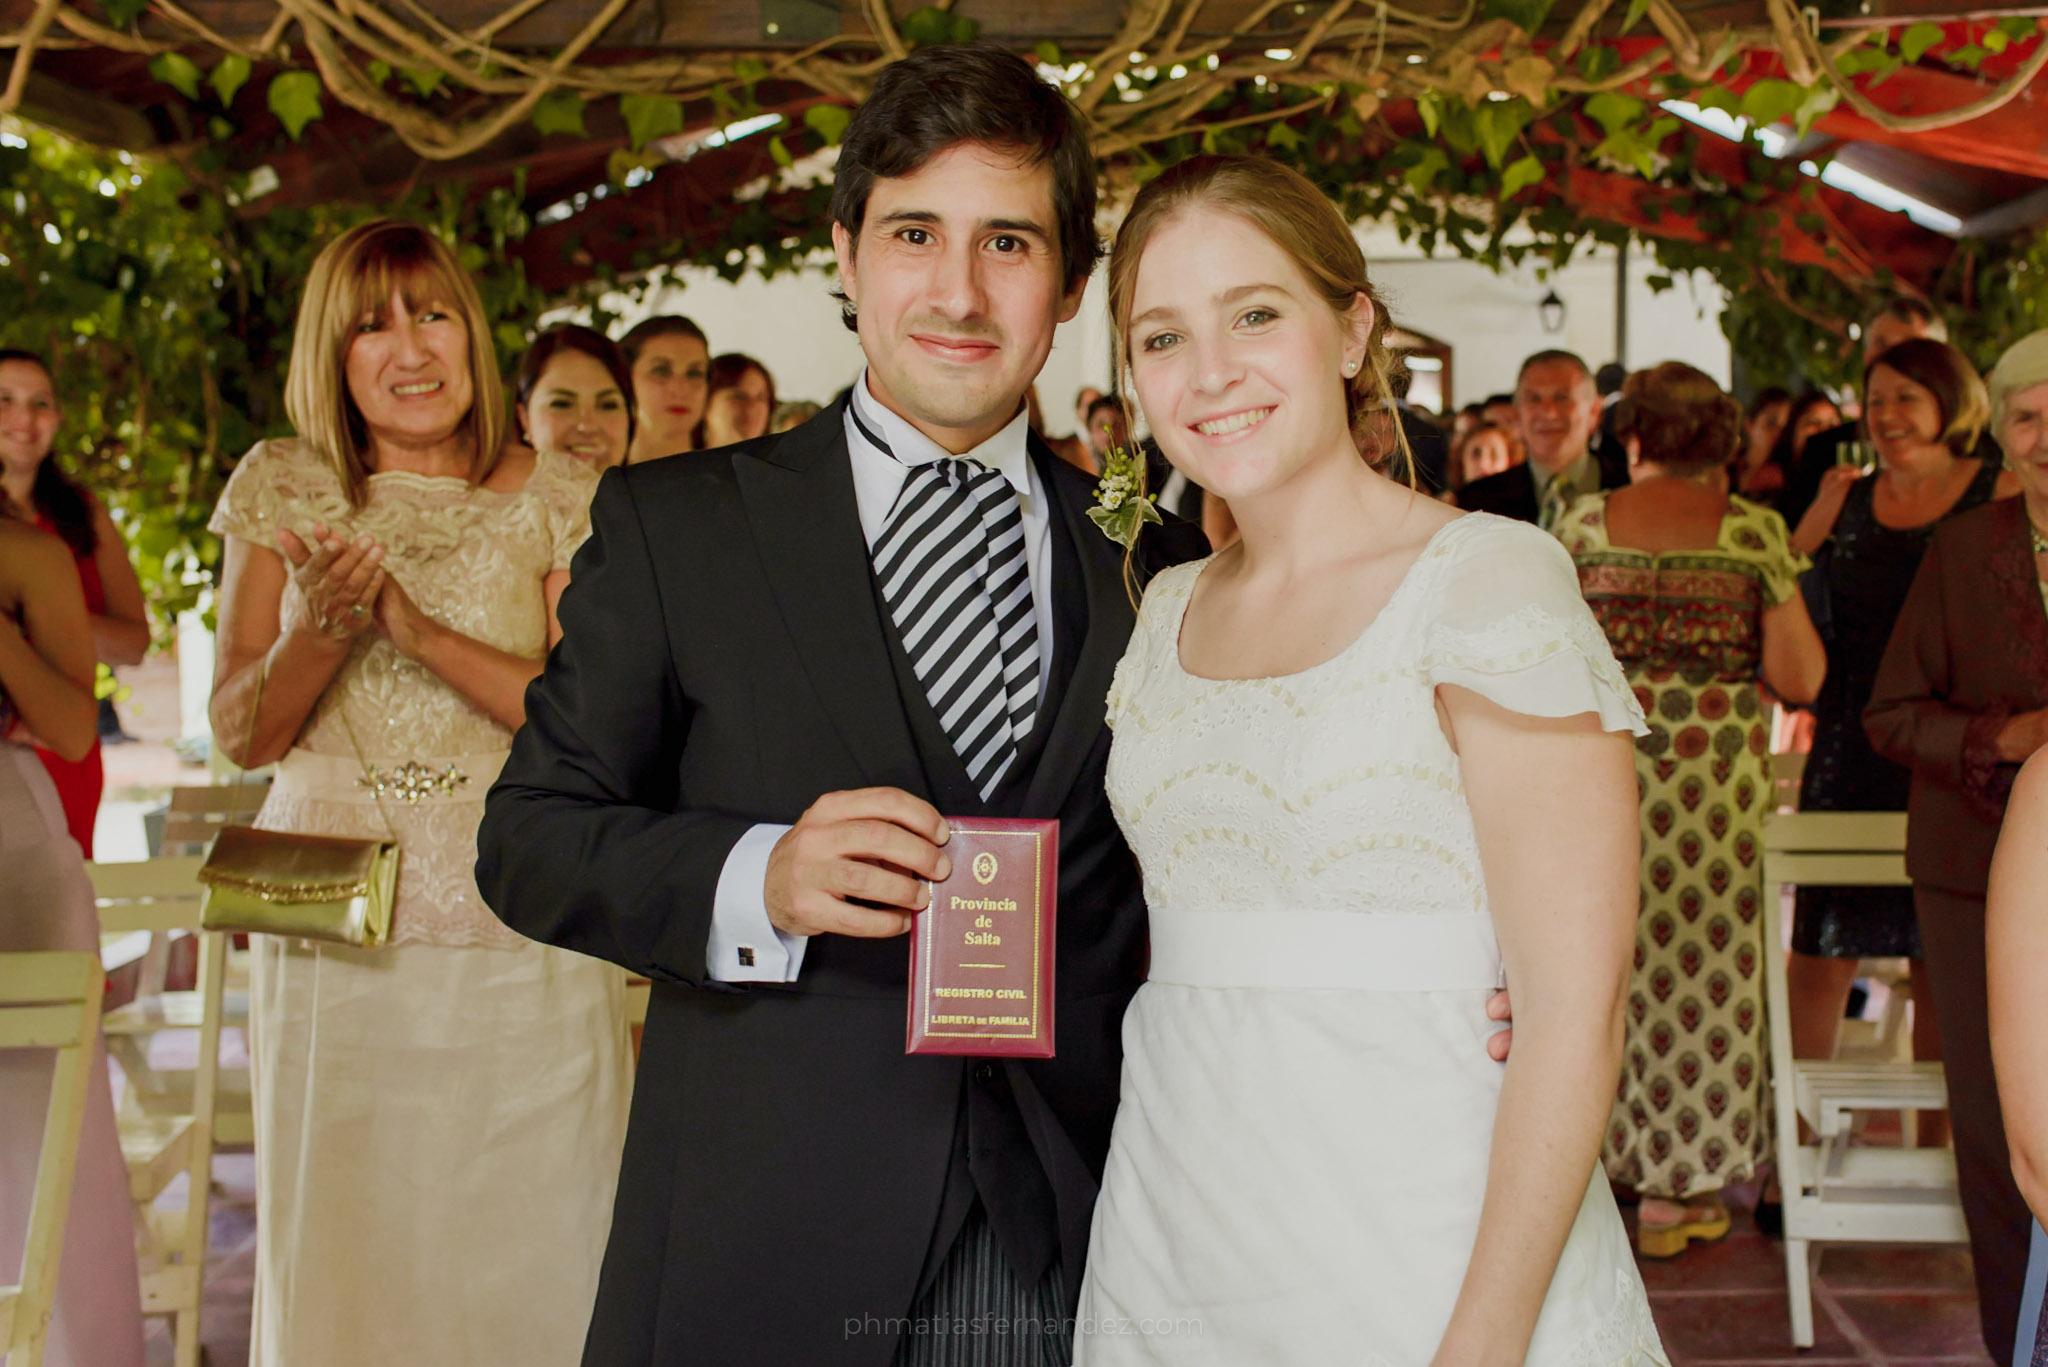 Ines & Juan - phmatiasafernandez - matias fernandez